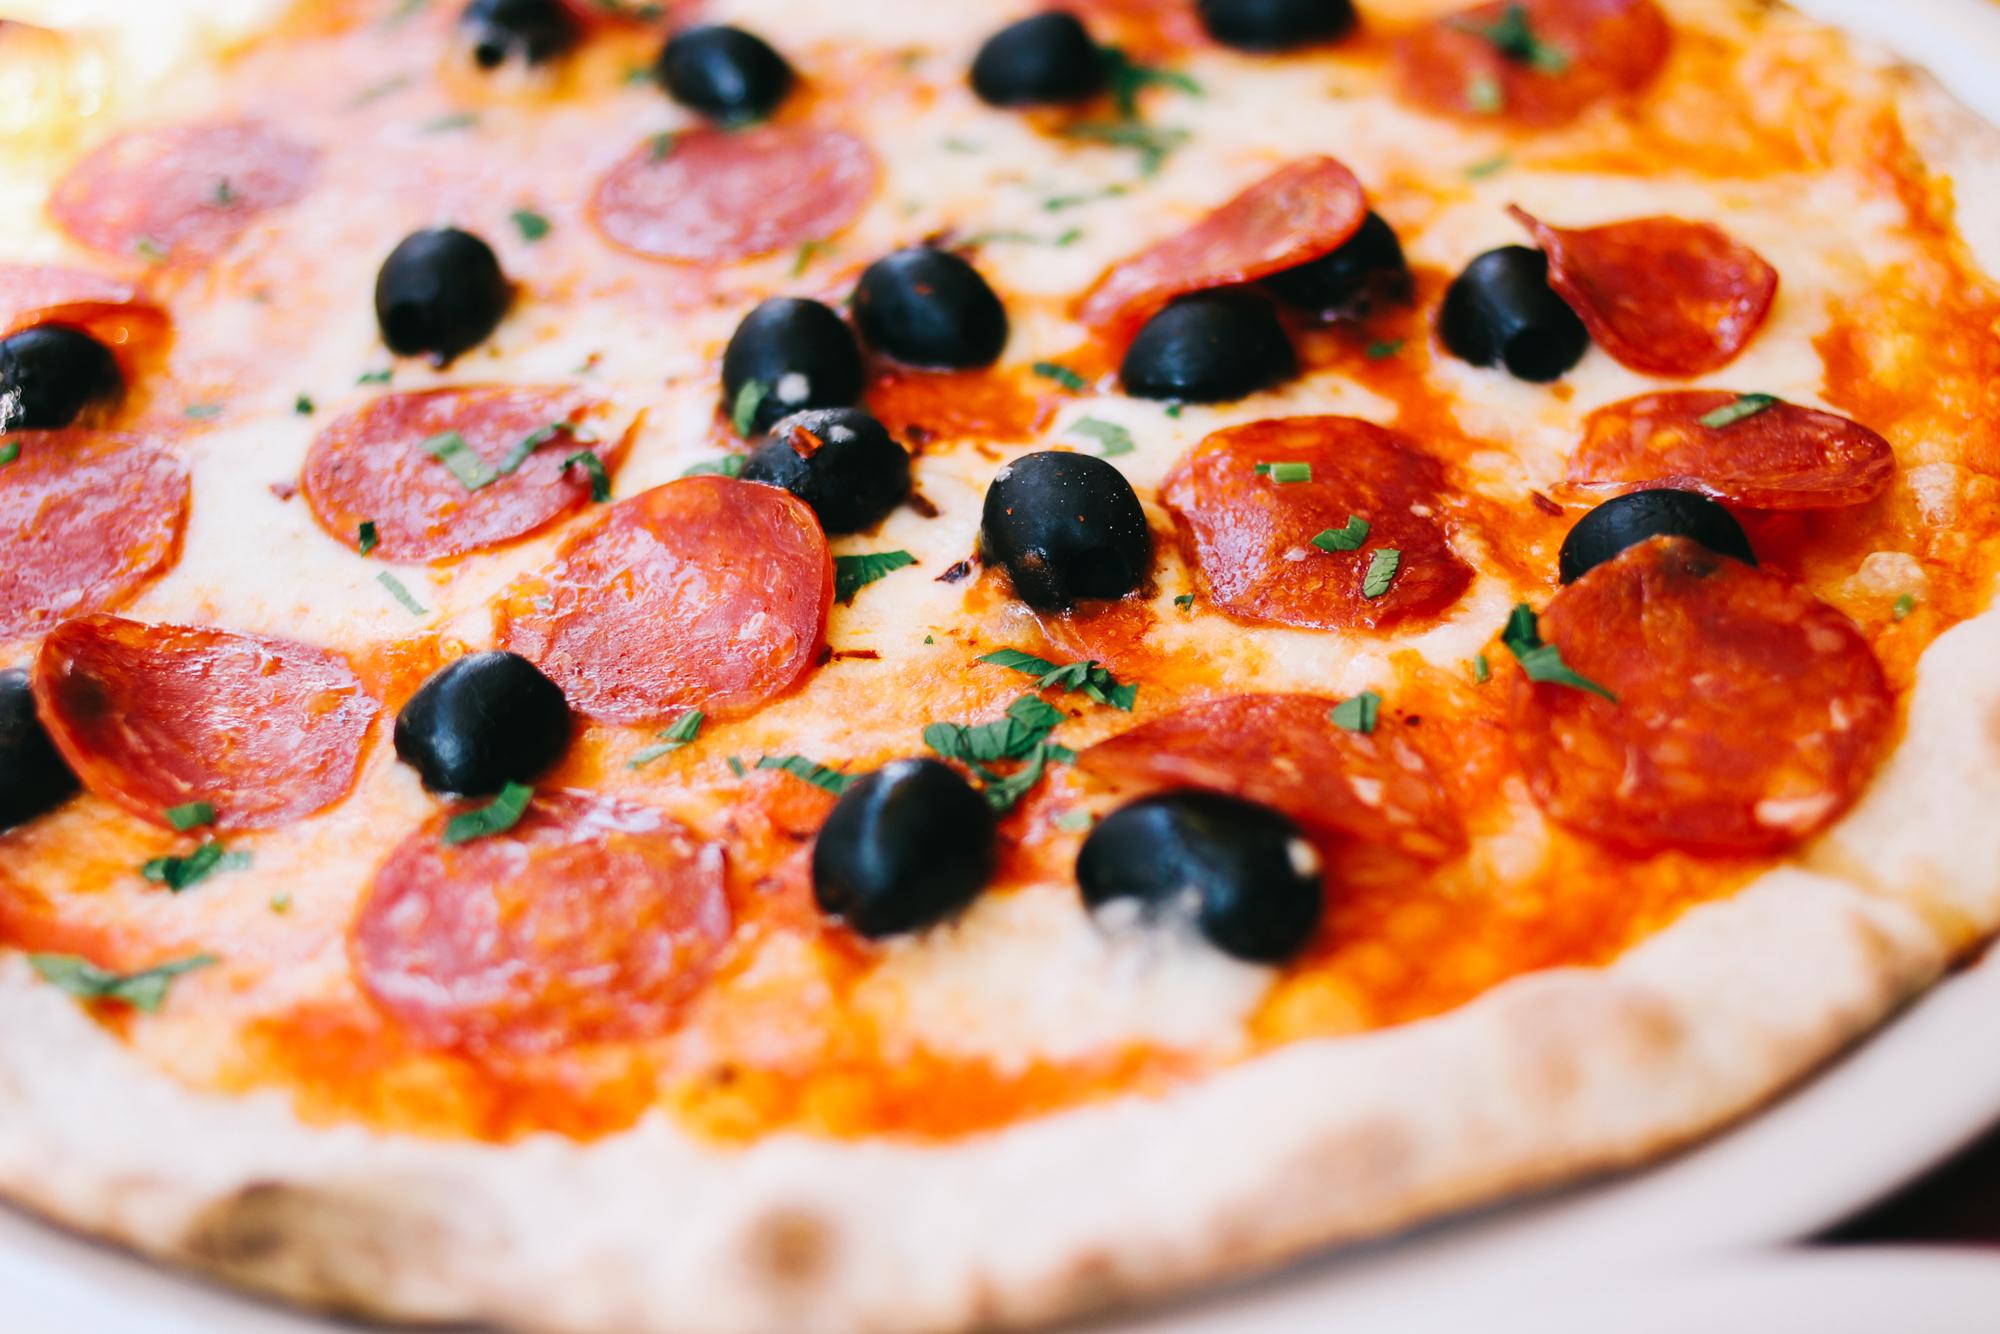 comida no saludable